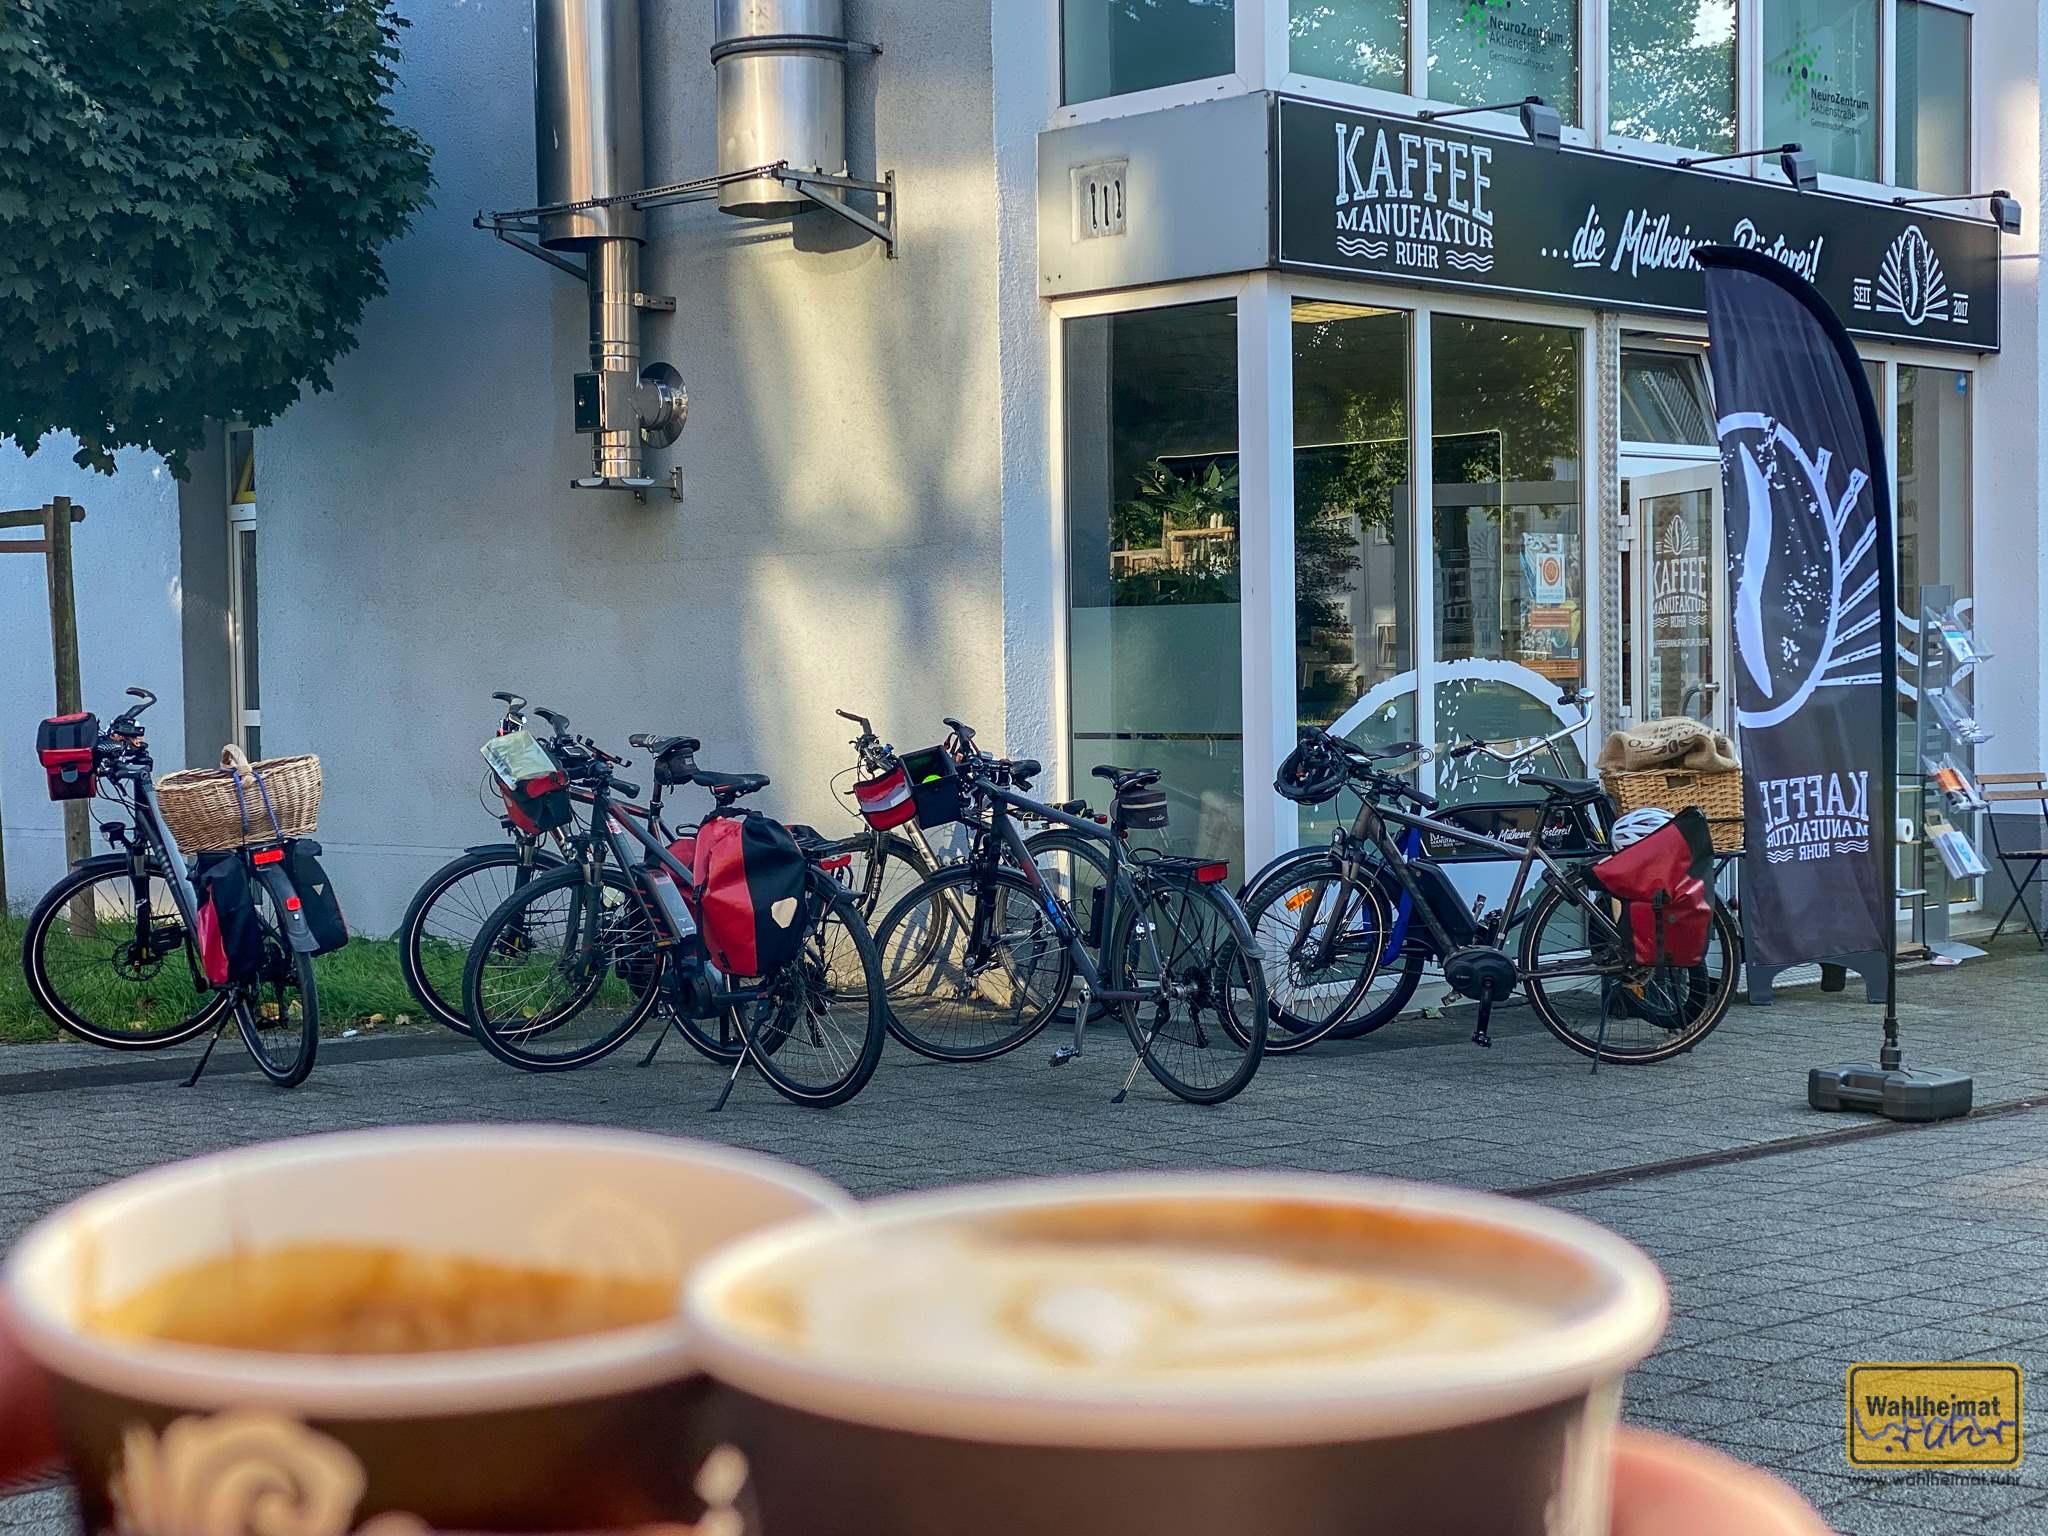 Frisch aus der eigenen Rösterei: Kaffeespezialitäten bei der Kaffeemanufaktur Ruhr an der Aktienstraße.